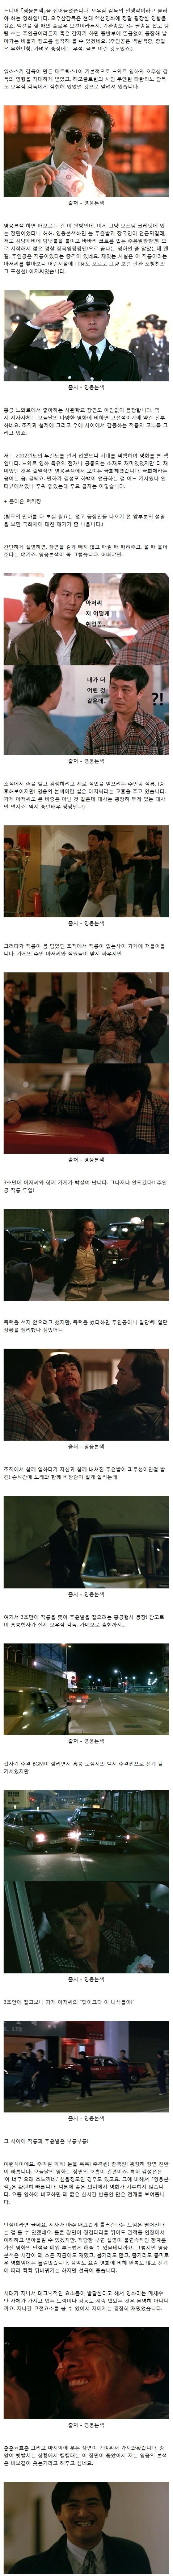 추억의 영화 - 영웅본색 홍콩트와르